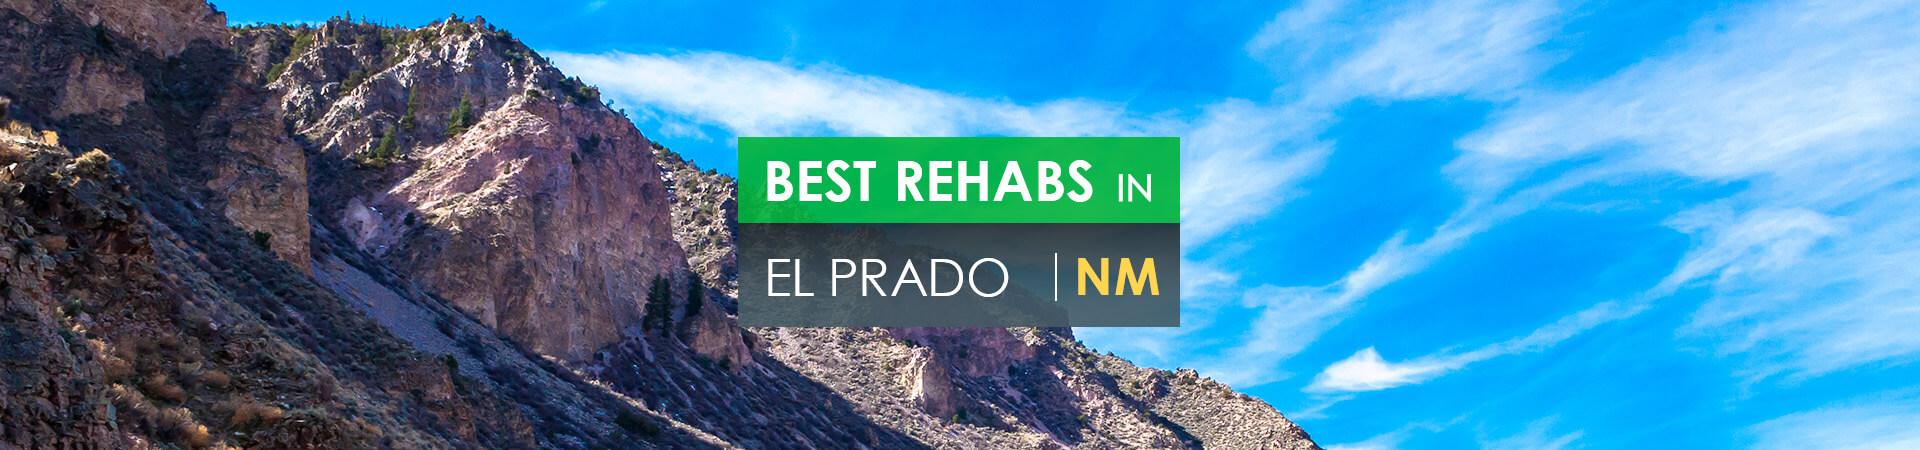 Best rehabs in El Prado, NM